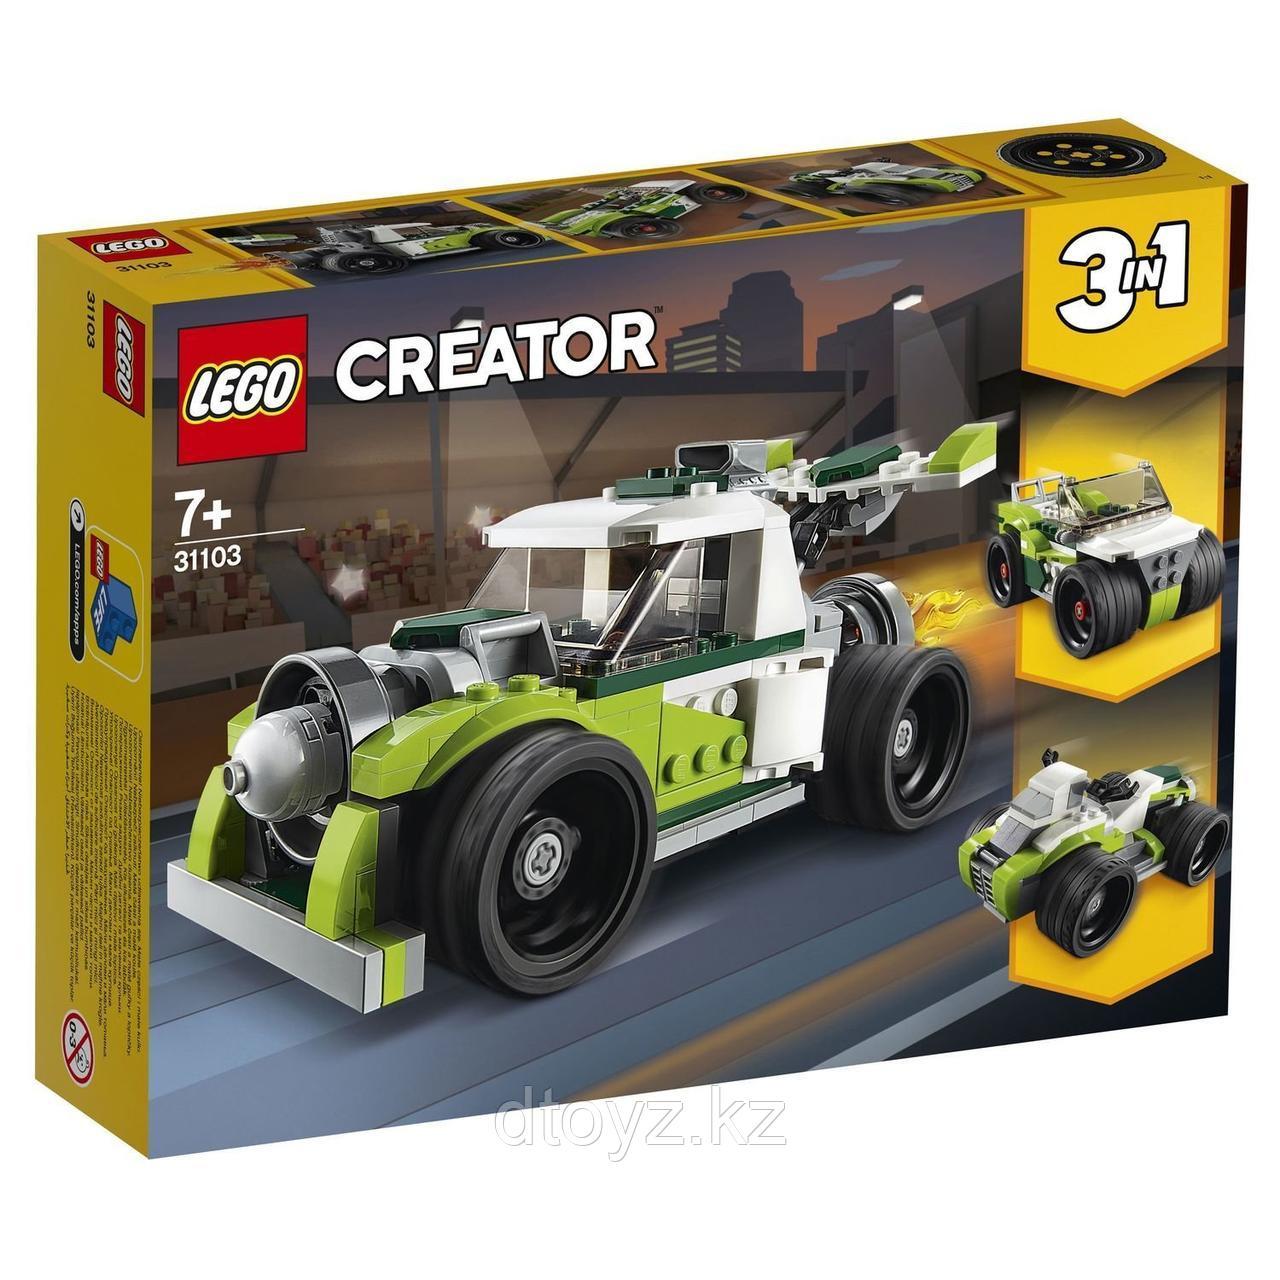 Lego Creator 31103 Грузовик-ракета